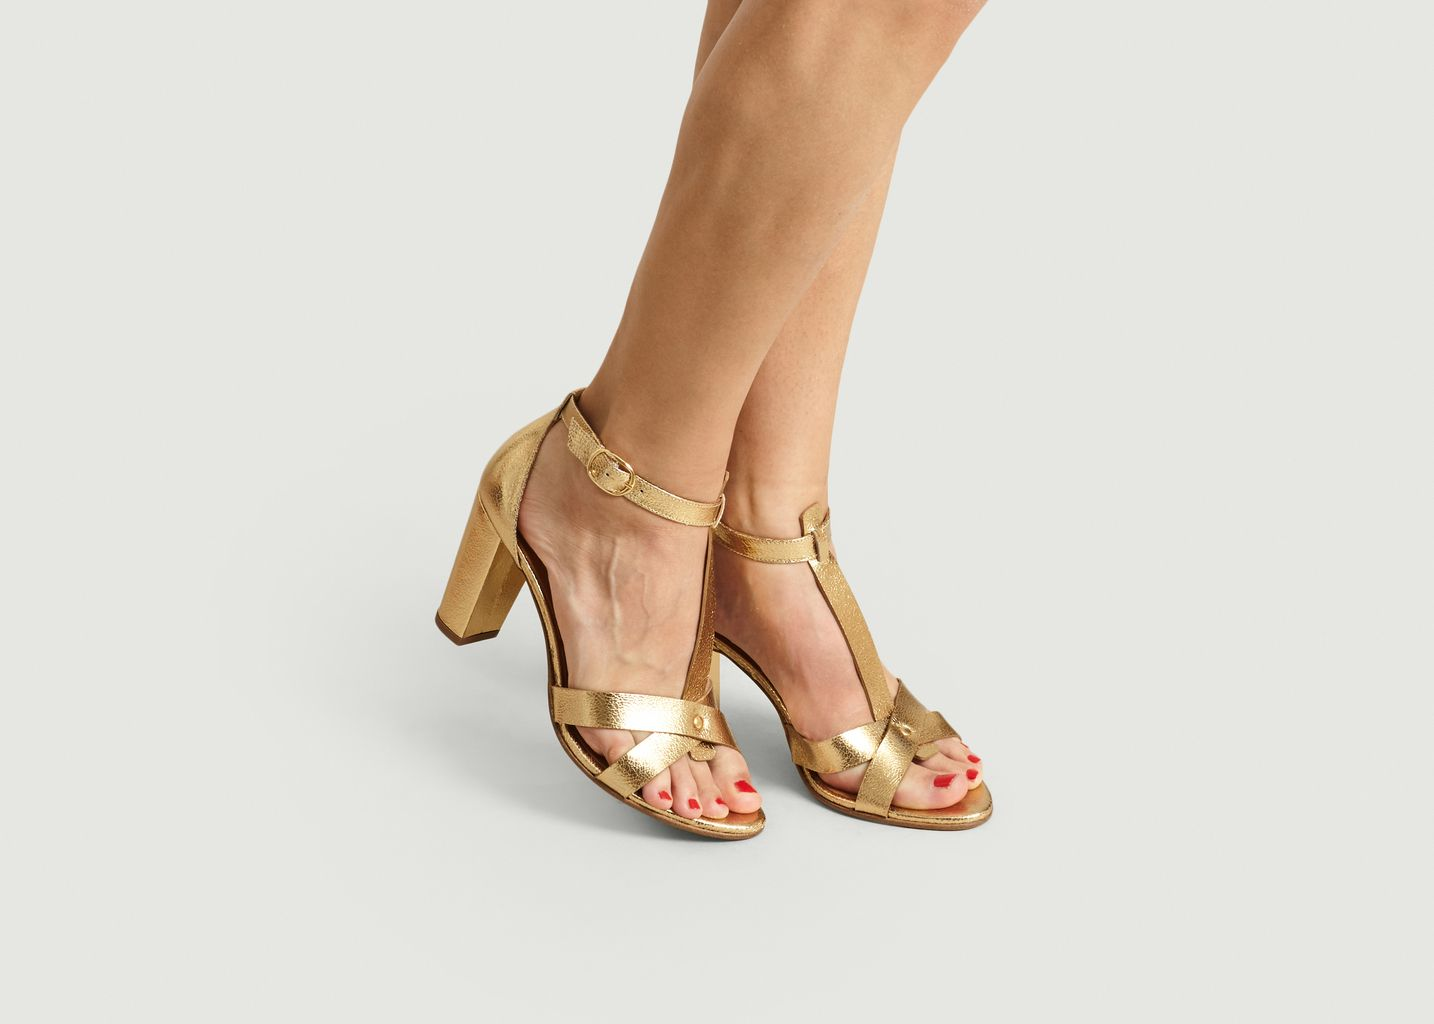 Sandales Talons N°114 - Rivecour